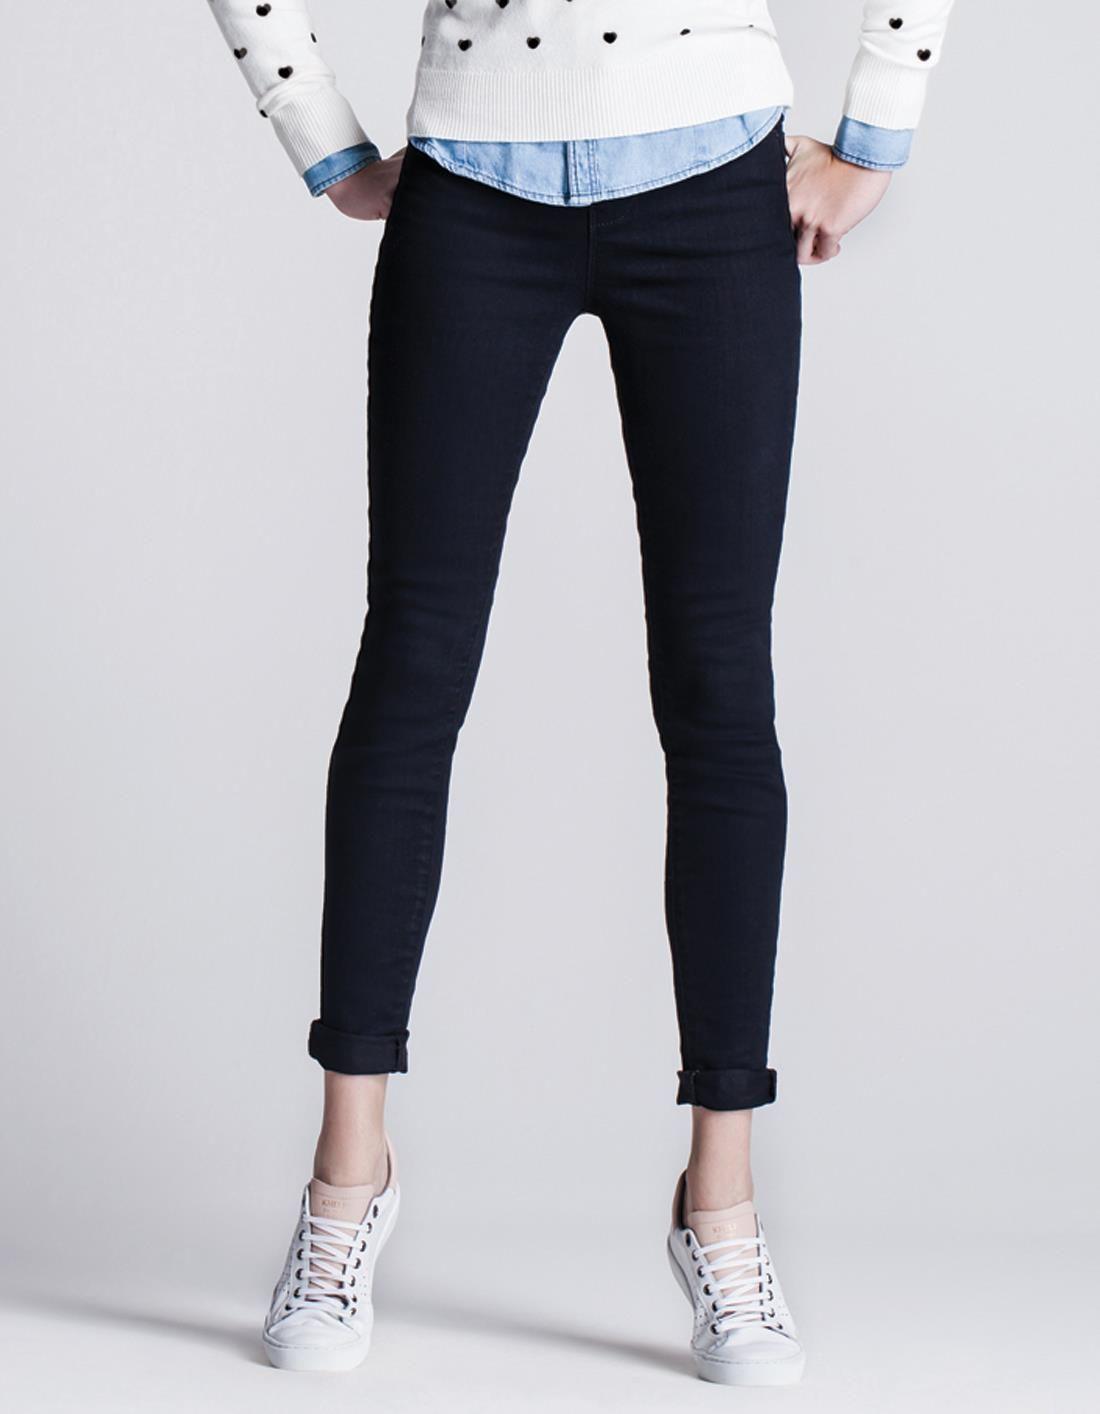 a3e97effe6b Calças Jeans Femininas - Black Cintura Alta